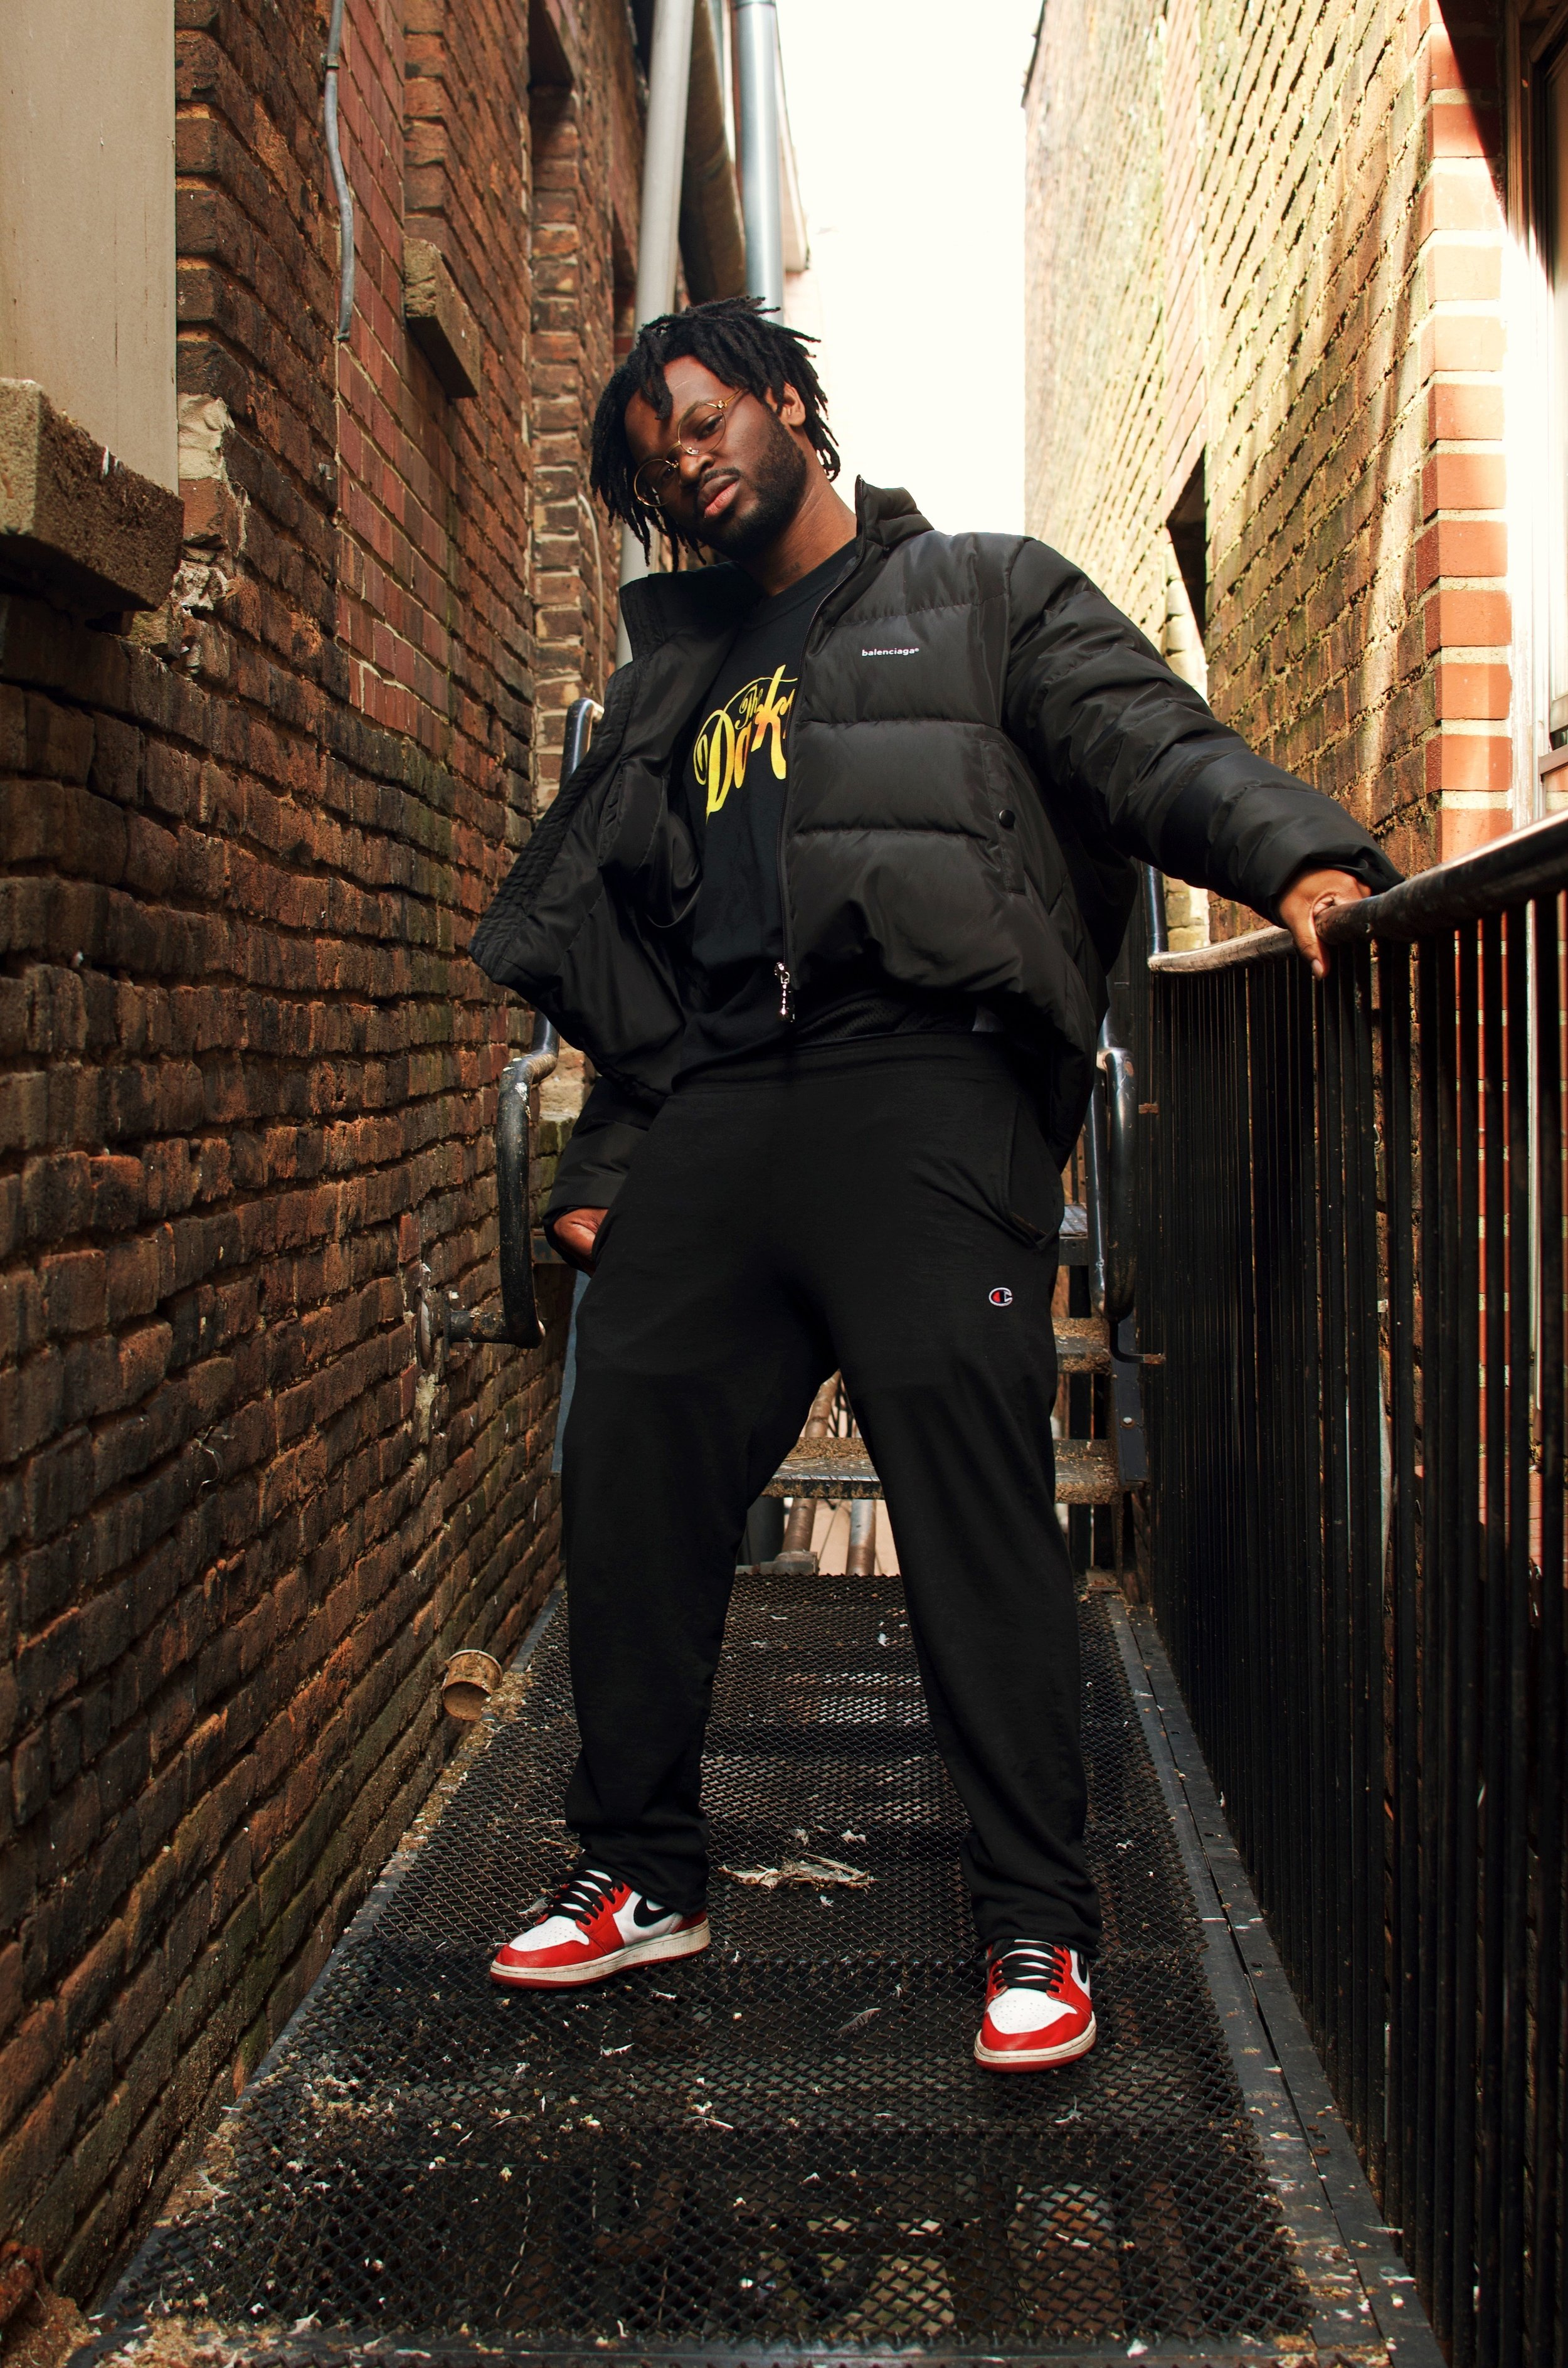 iSwear cartier - Rapper / Producerwww.iSwearCartier.com